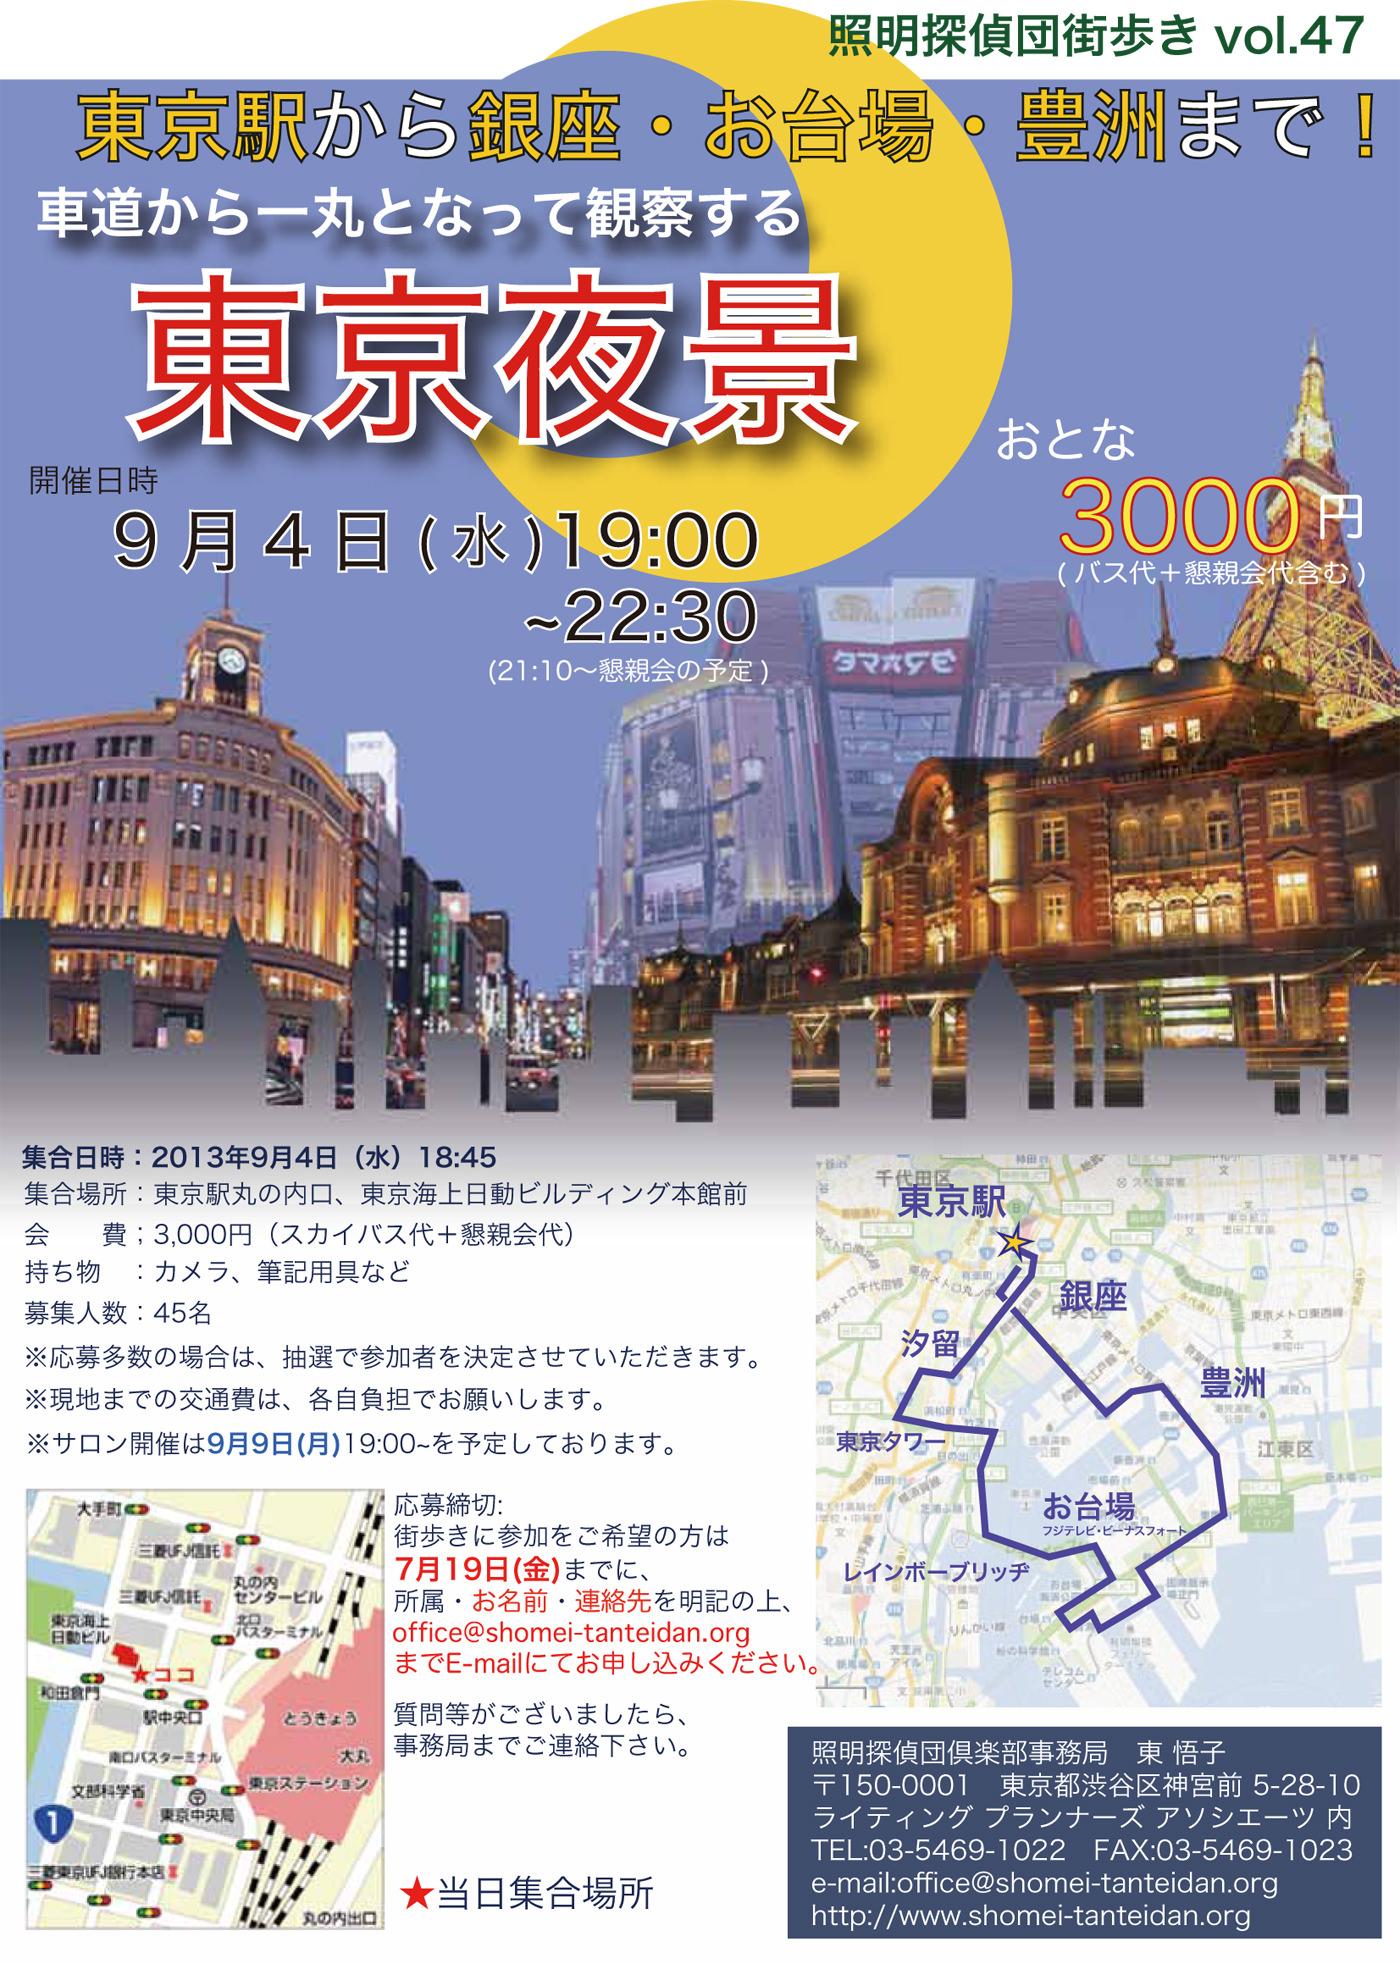 東京夜景チラシのコピー